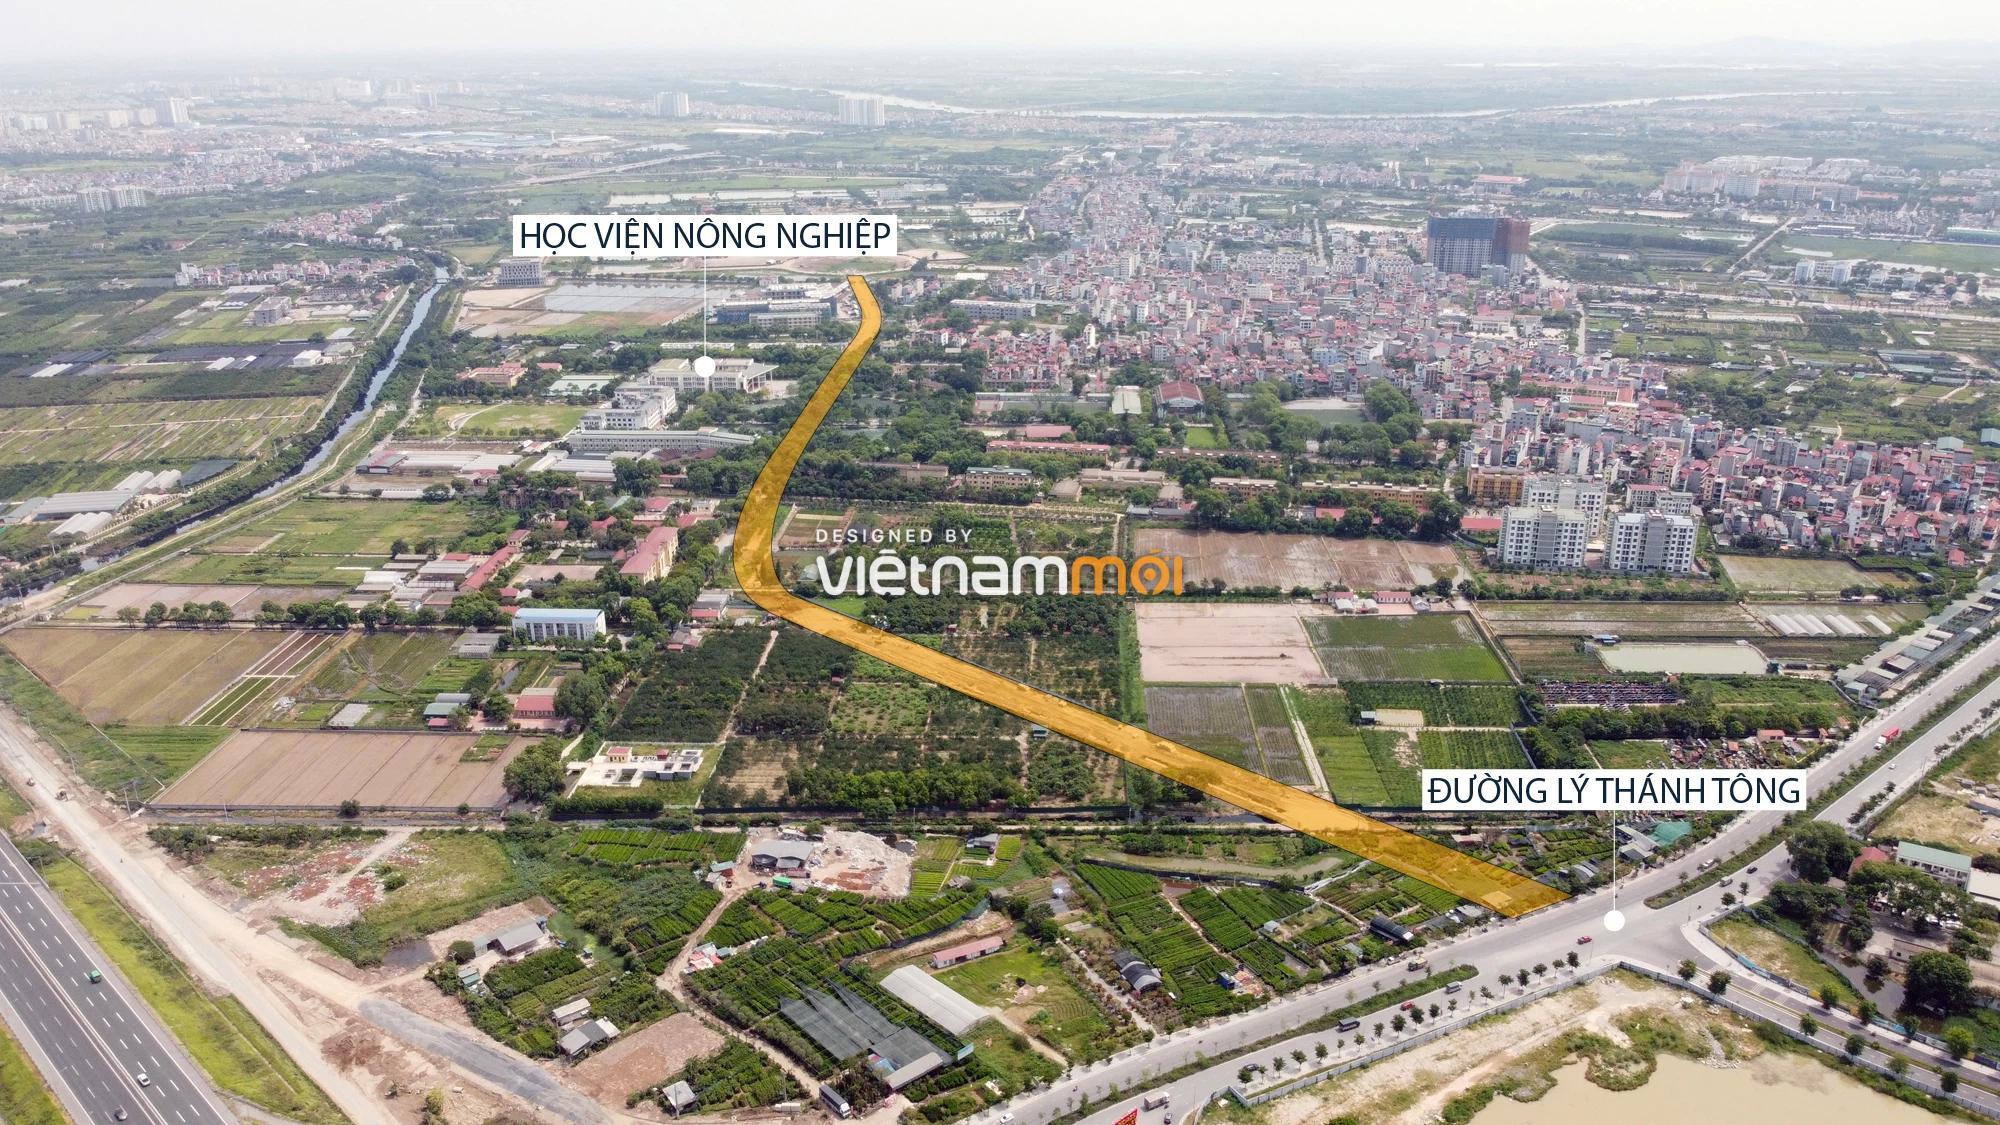 Toàn cảnh tuyến đường từ Vinhomes Ocean Park đến QL5 qua Học viện Nông nghiệp đang mở theo quy hoạch ở Hà Nội - Ảnh 2.